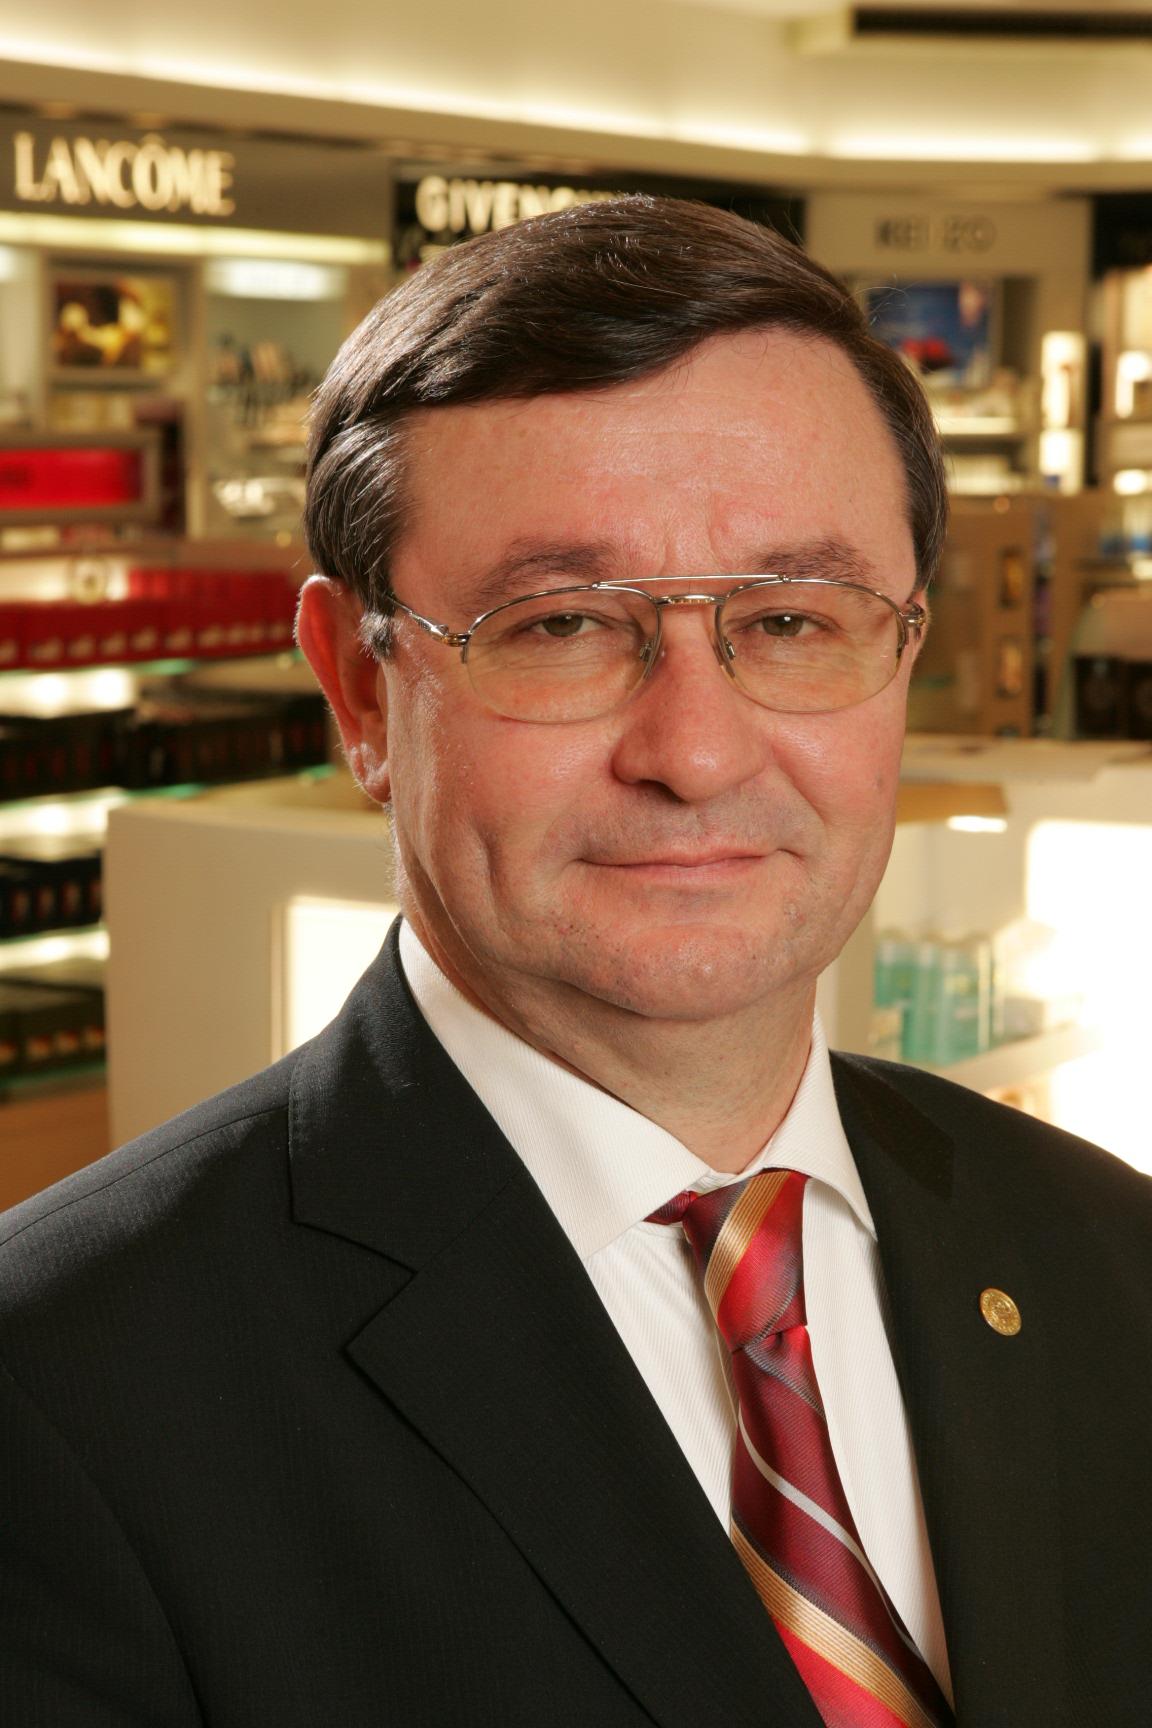 Почётный консул Ирландии в Санкт-Петербурге Анатолий Павлович Шашин